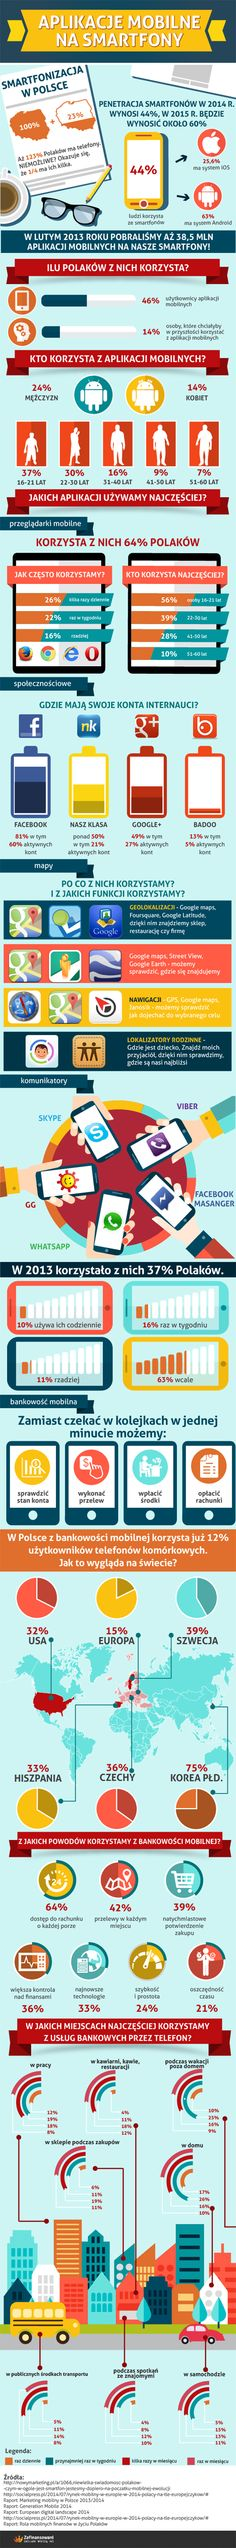 Aplikacje mobilne na smartfona - co wybierają Polacy?